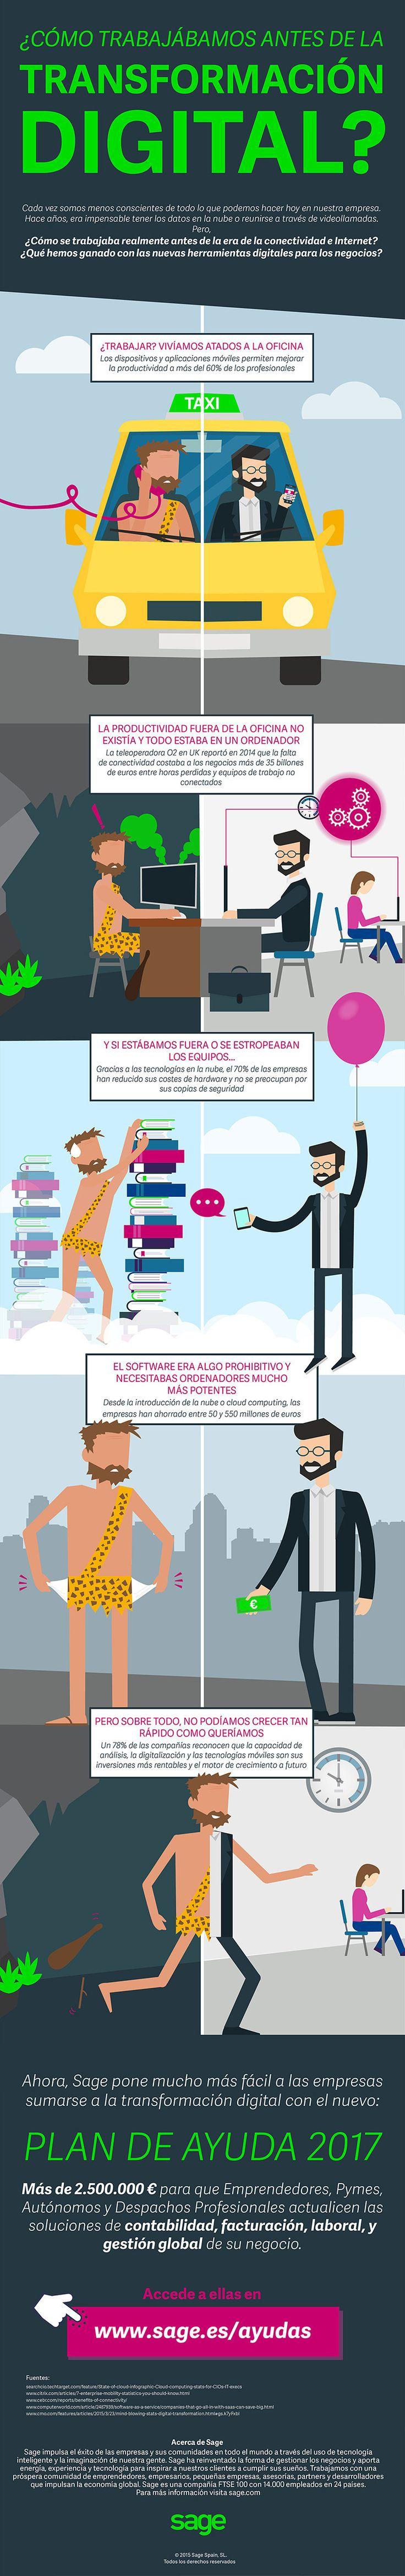 Cómo se trabajaba antes de la Transformación Digital #infografia